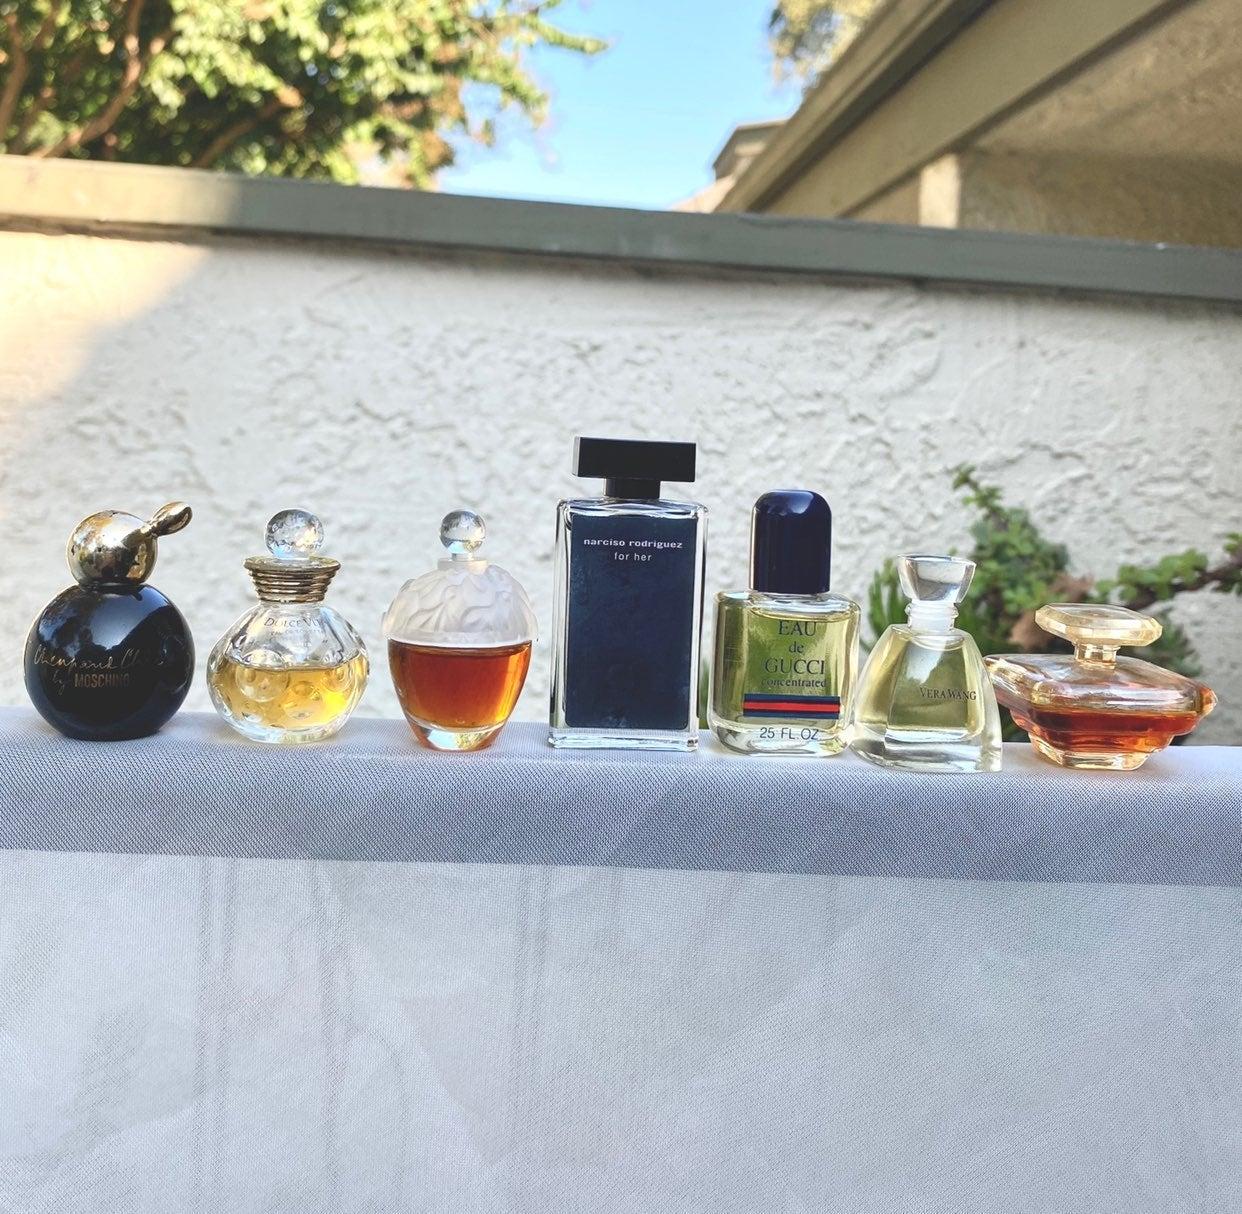 NEW Mini Perfumes Dior Lancome Gucci +